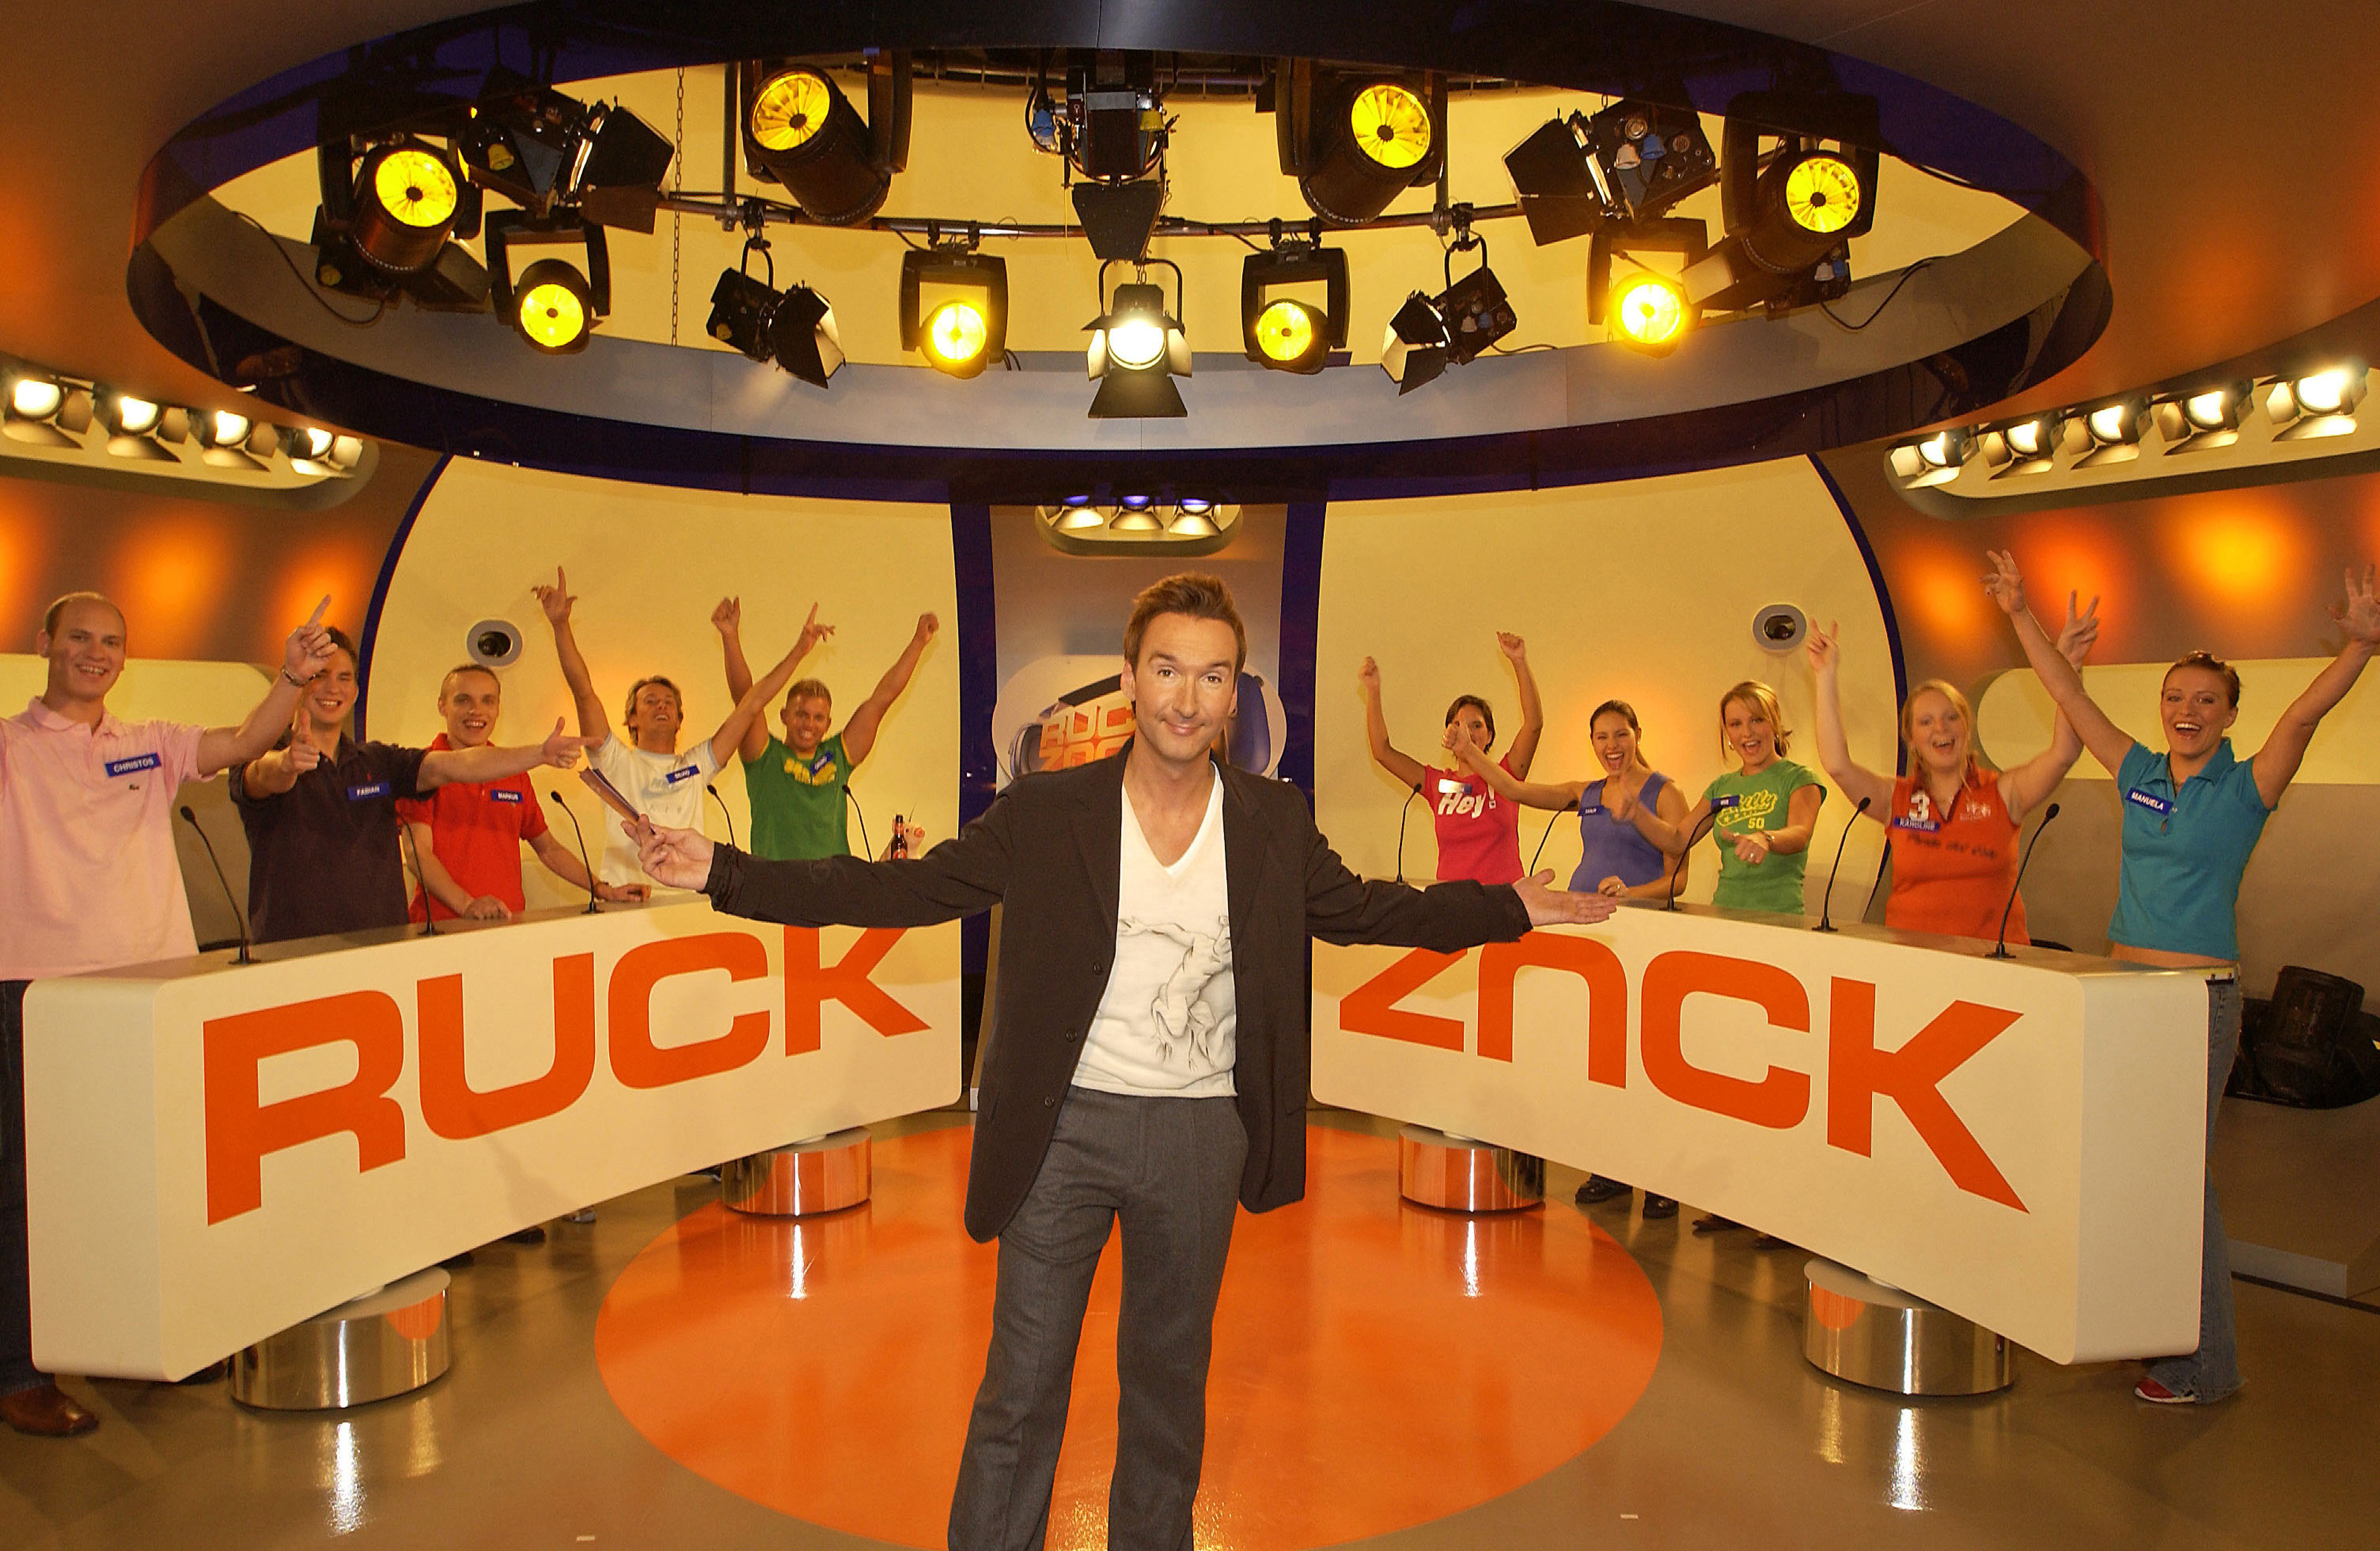 Ruck Zuck Rtl Plus